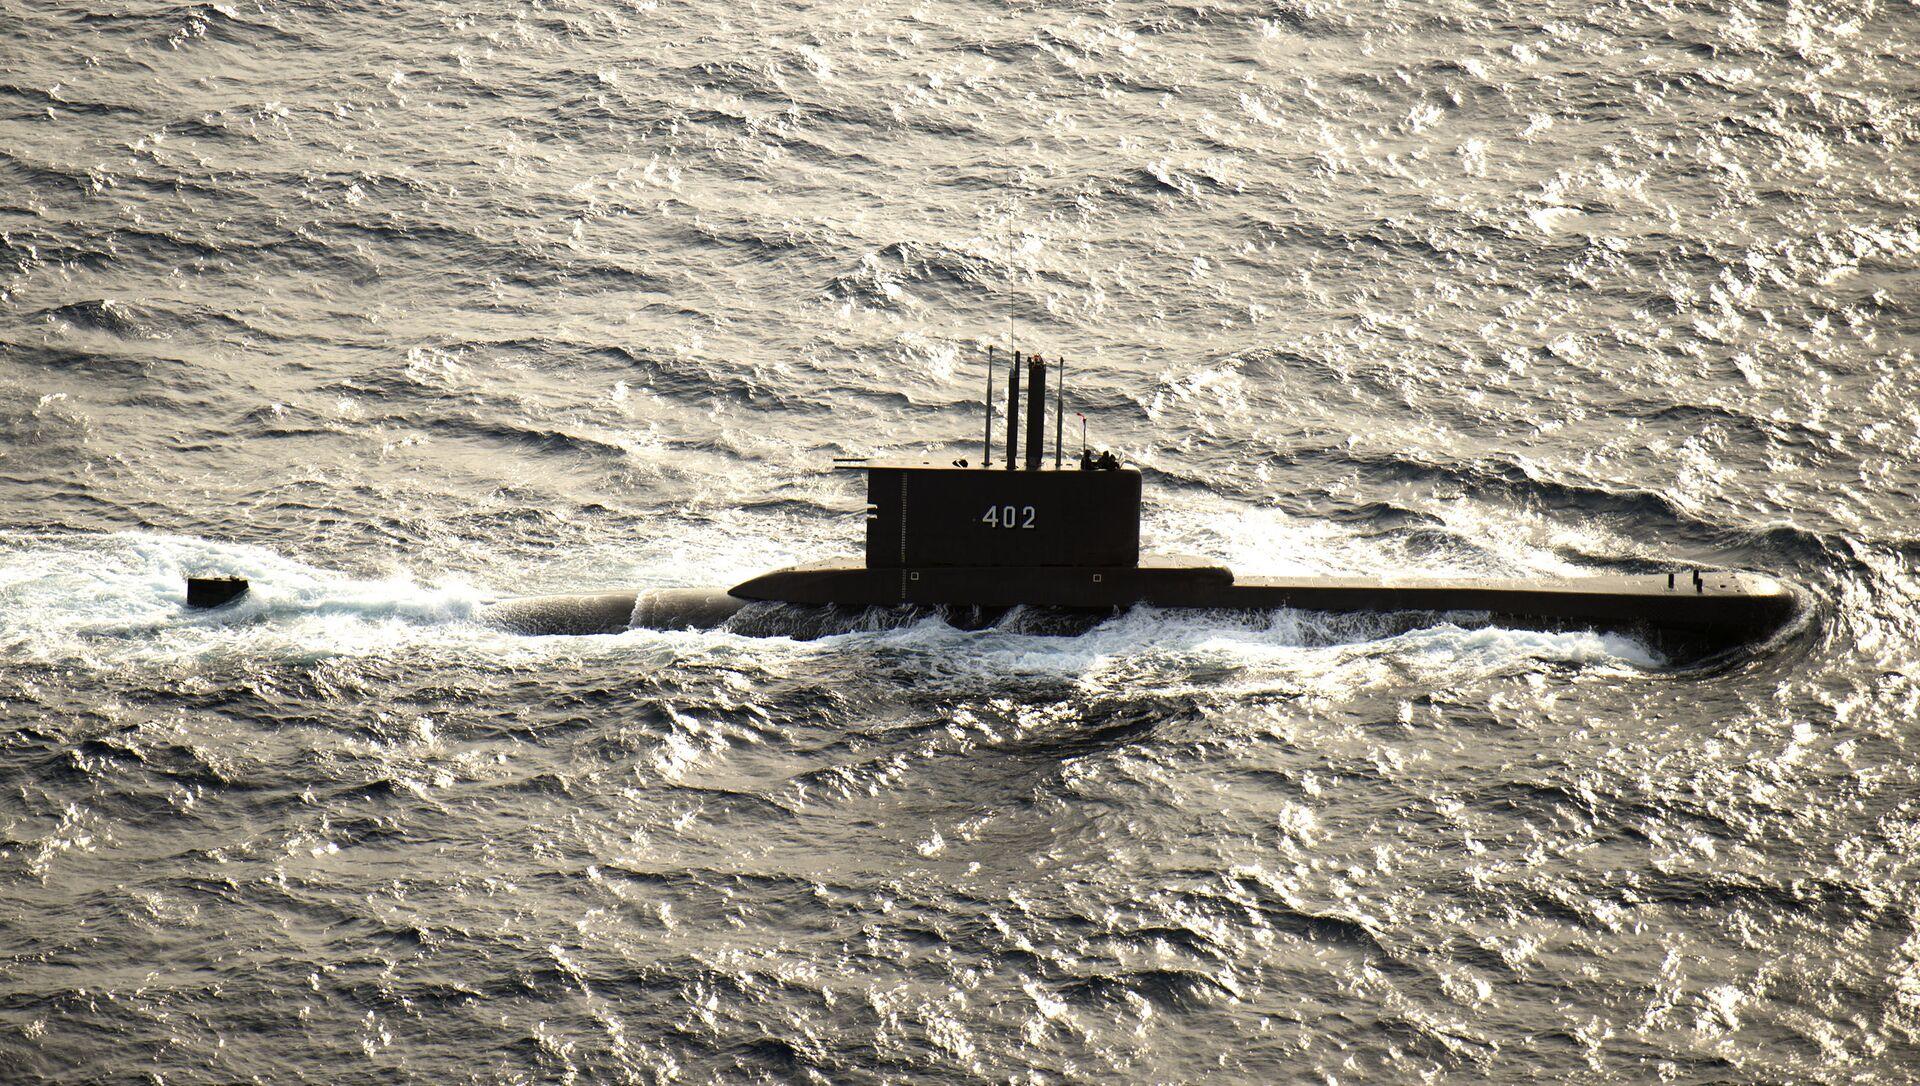 Tàu ngầm diesel KRI Nanggala (402) của Hải quân Indonesia - Sputnik Việt Nam, 1920, 27.04.2021